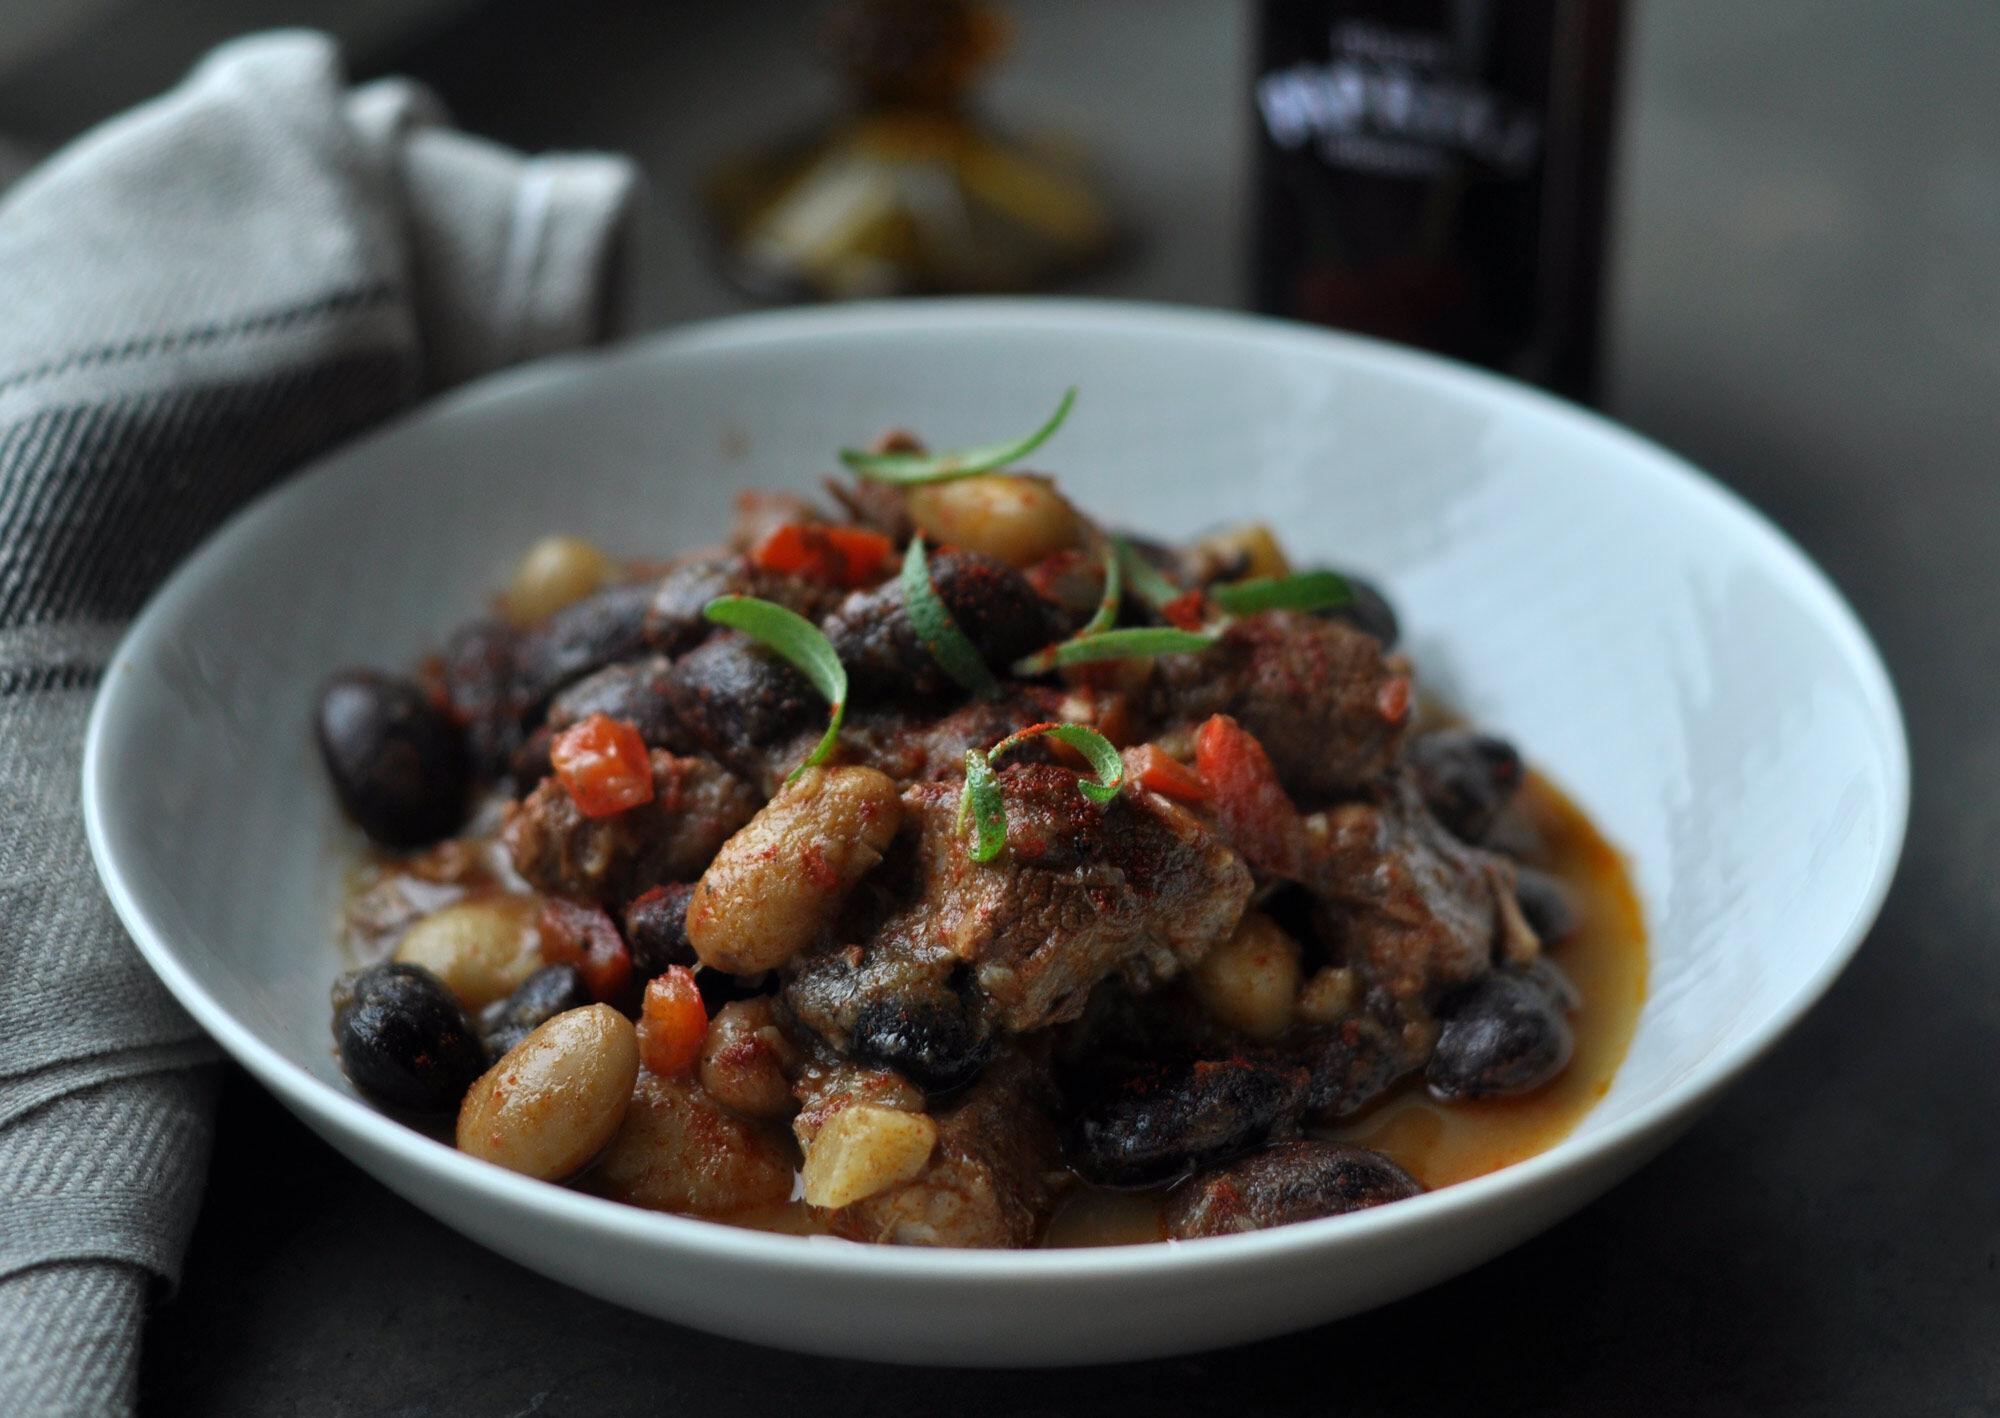 Recept på lammgryta med bönor.